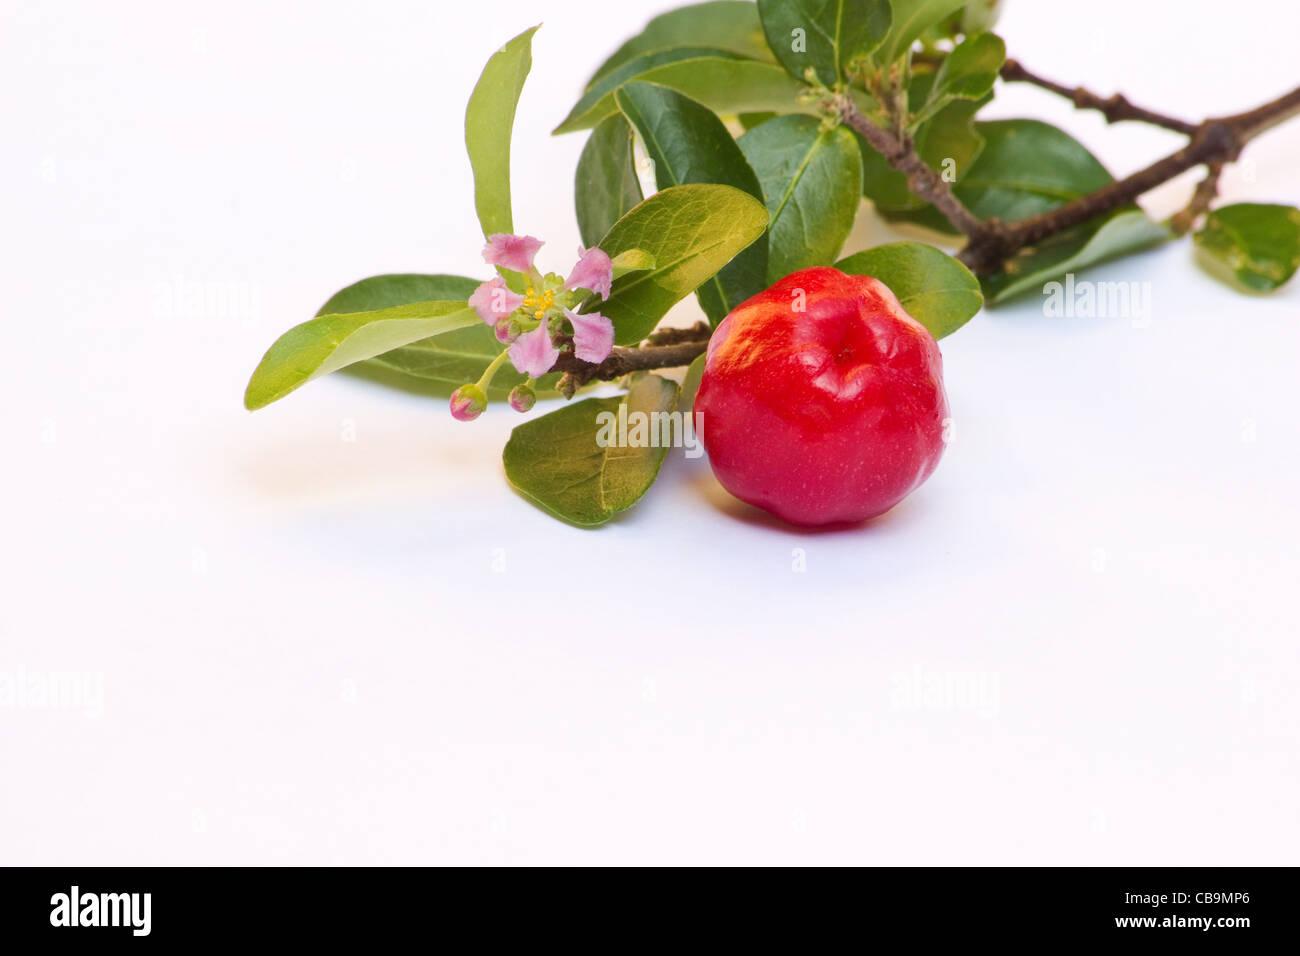 Acerola berries (Malpighia glabra)  on white background - Stock Image